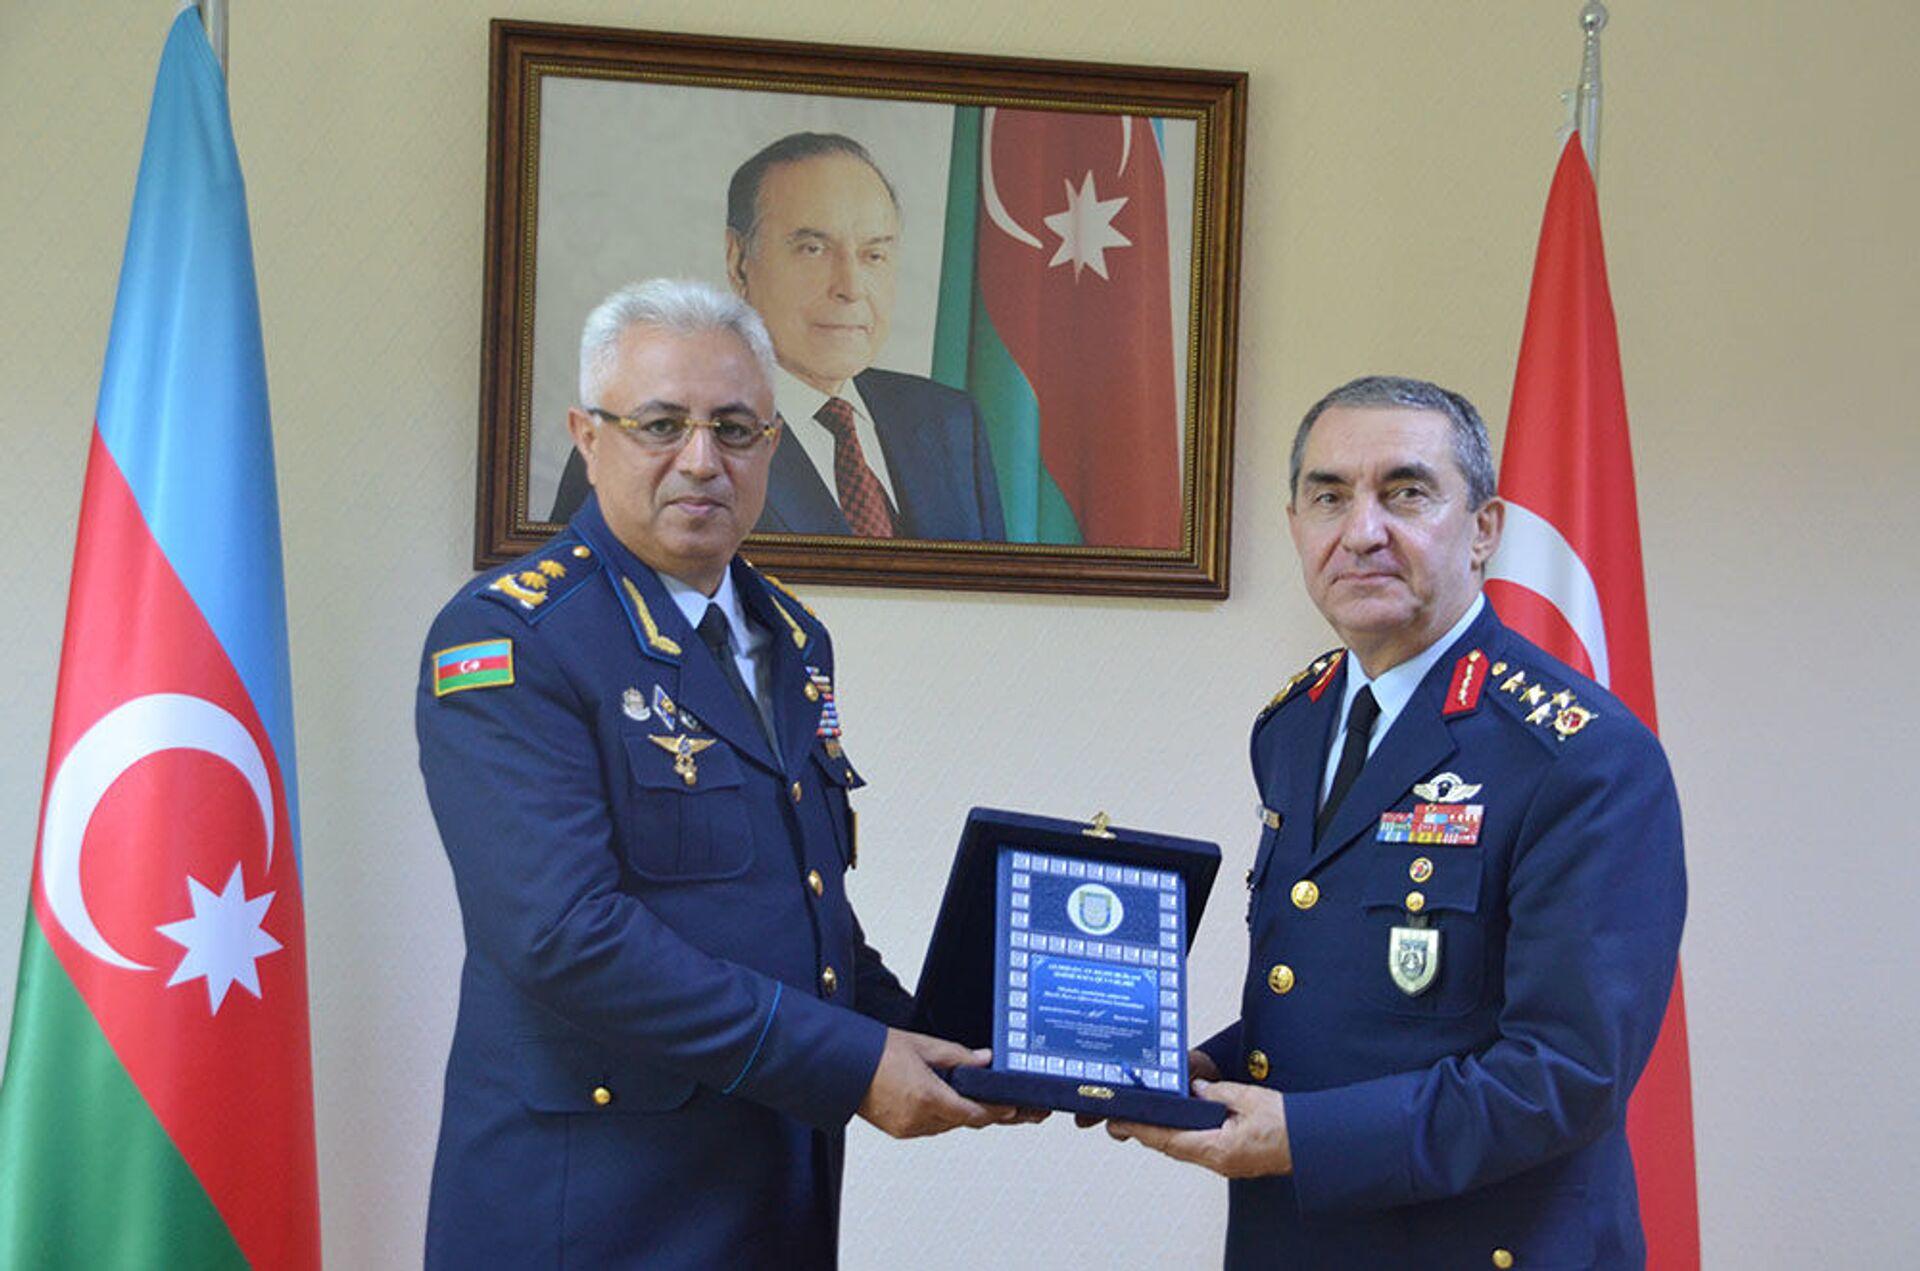 Делегацию ВВС Турции приняли в Минобороны Азербайджана - Sputnik Азербайджан, 1920, 06.07.2021